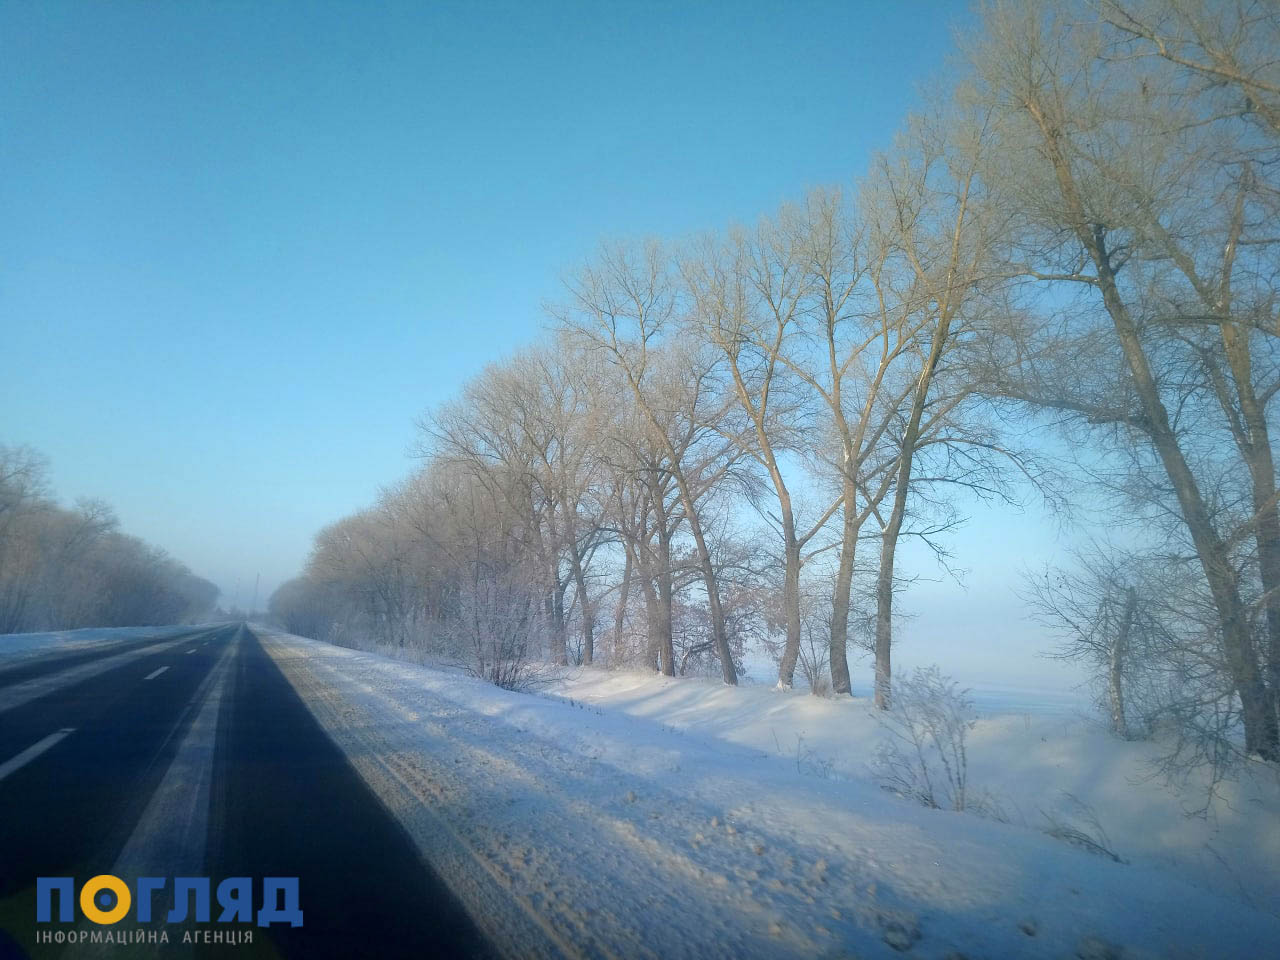 22 лютого повітря на Київщині прогріється до +5°С - температура повітря, прогноз погоди, потепління, погода - photo5271920503432524062 1